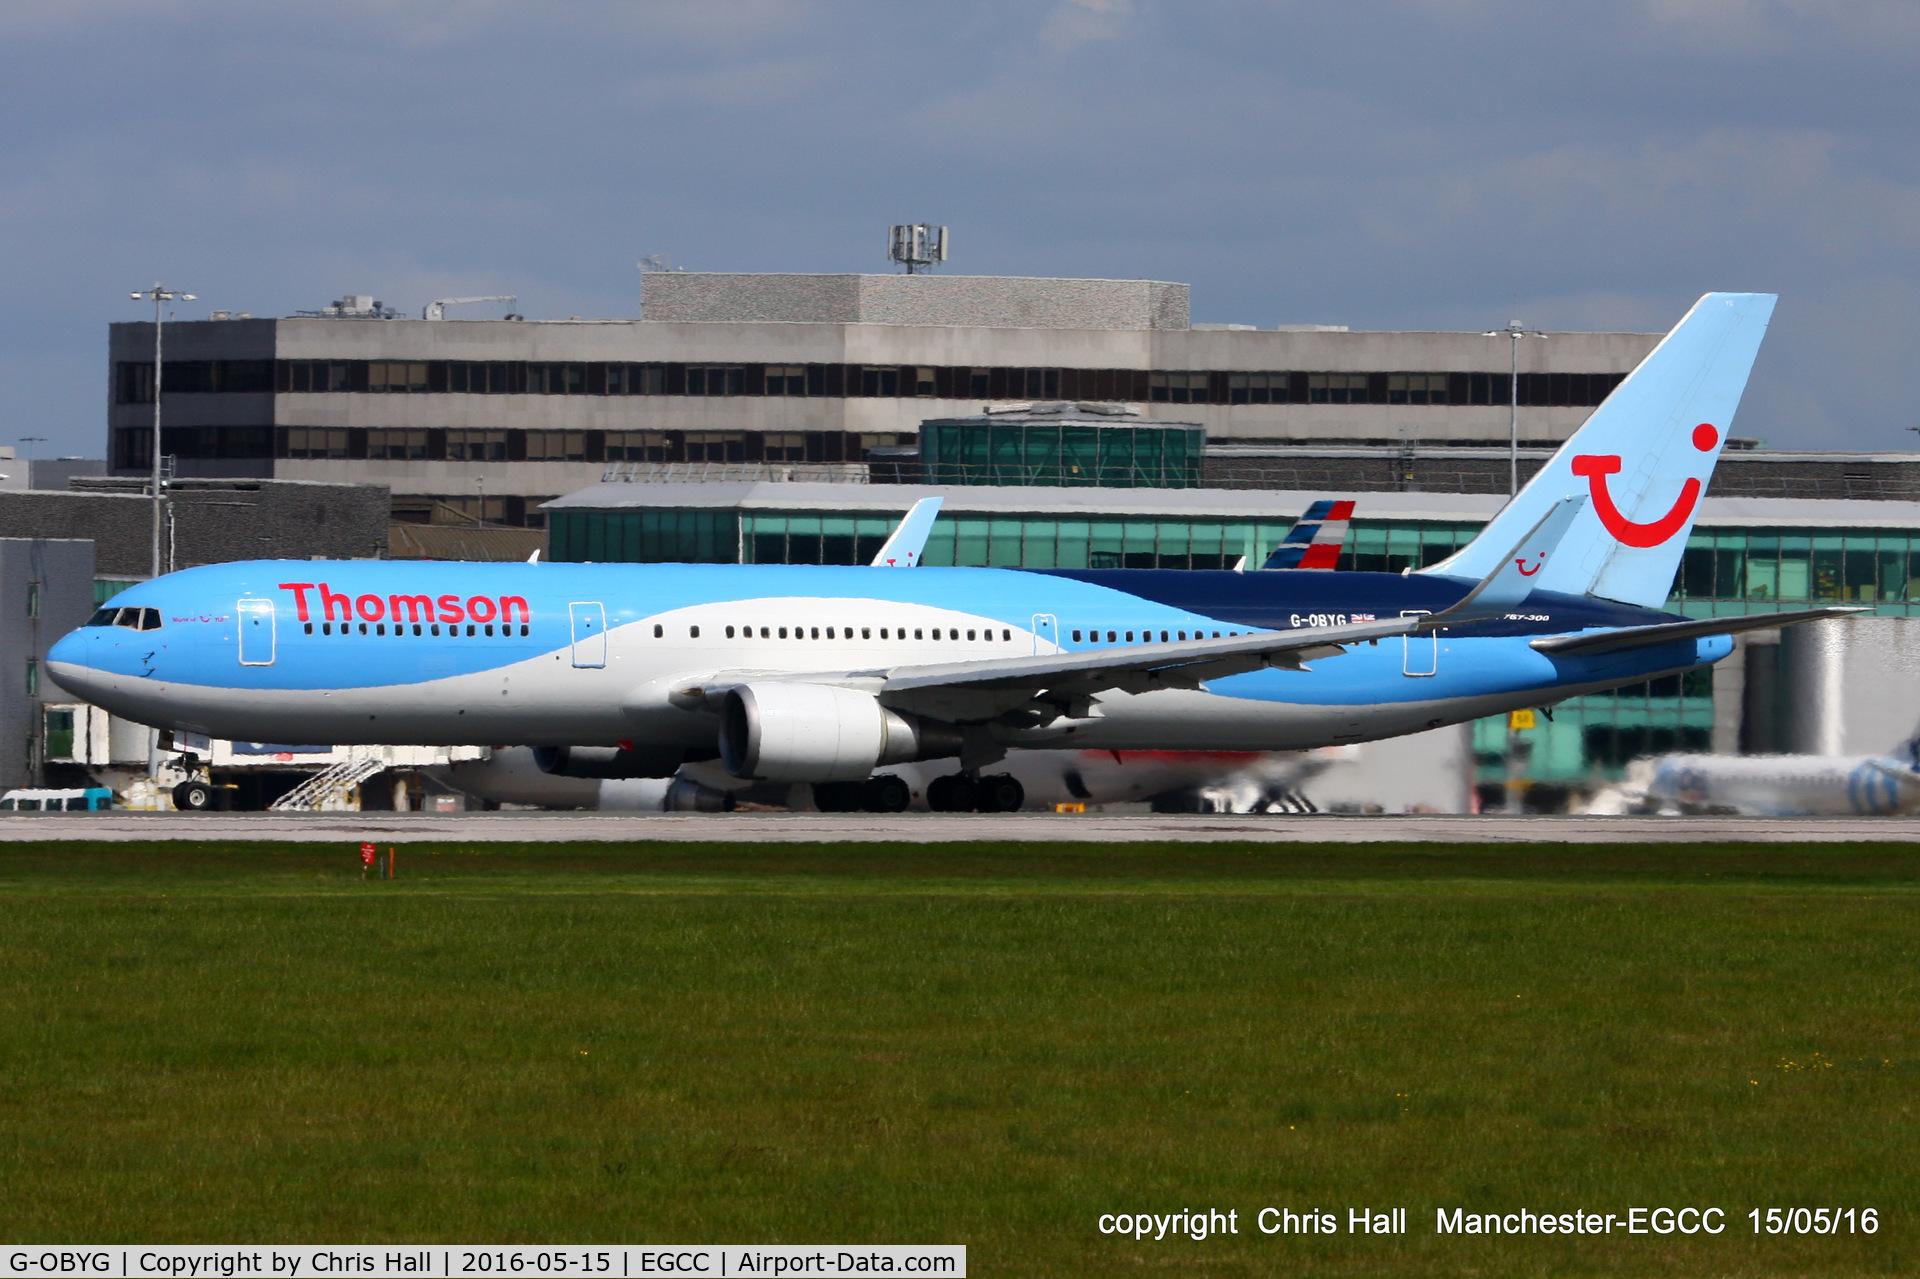 G-OBYG, 1999 Boeing 767-304 C/N 29137, Thomson